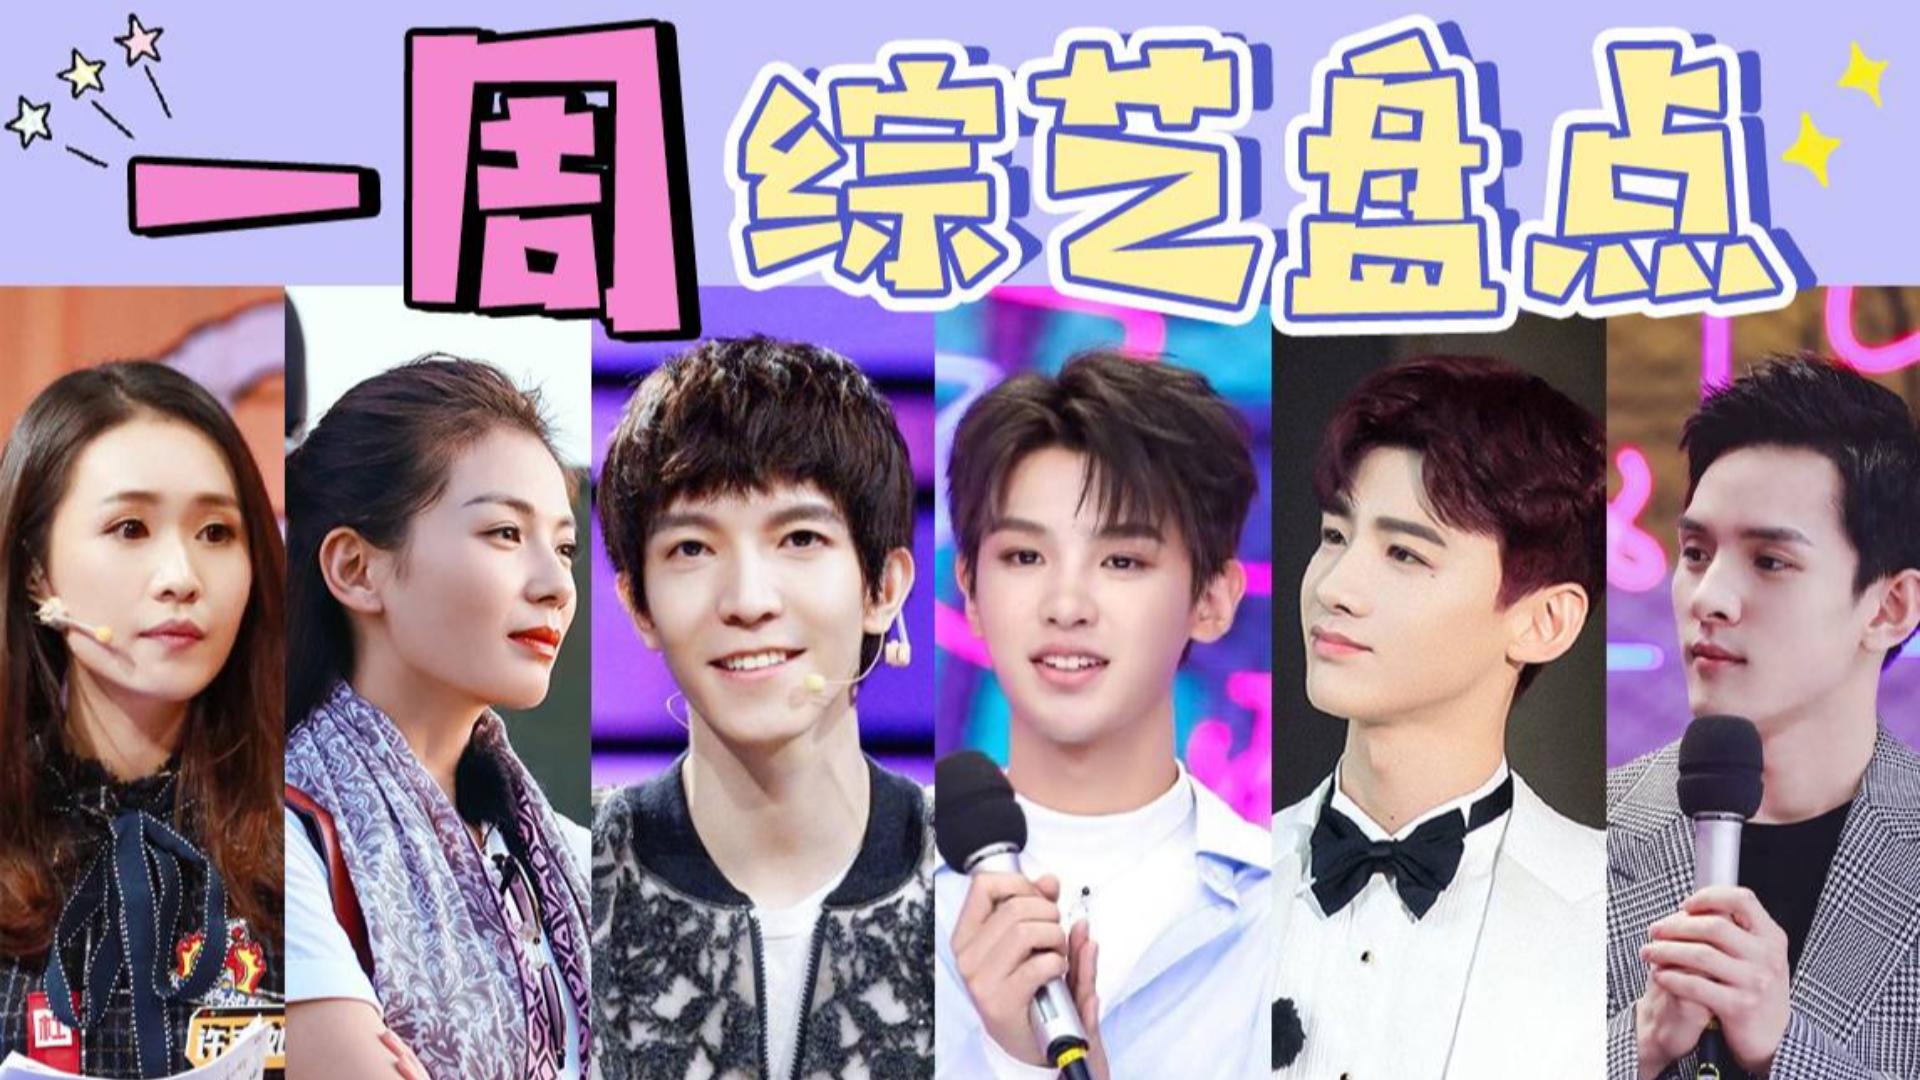 一周综艺盘点:郭敬明赢了陈凯歌 奇葩说许吉如被淘汰 竟是同一个原因